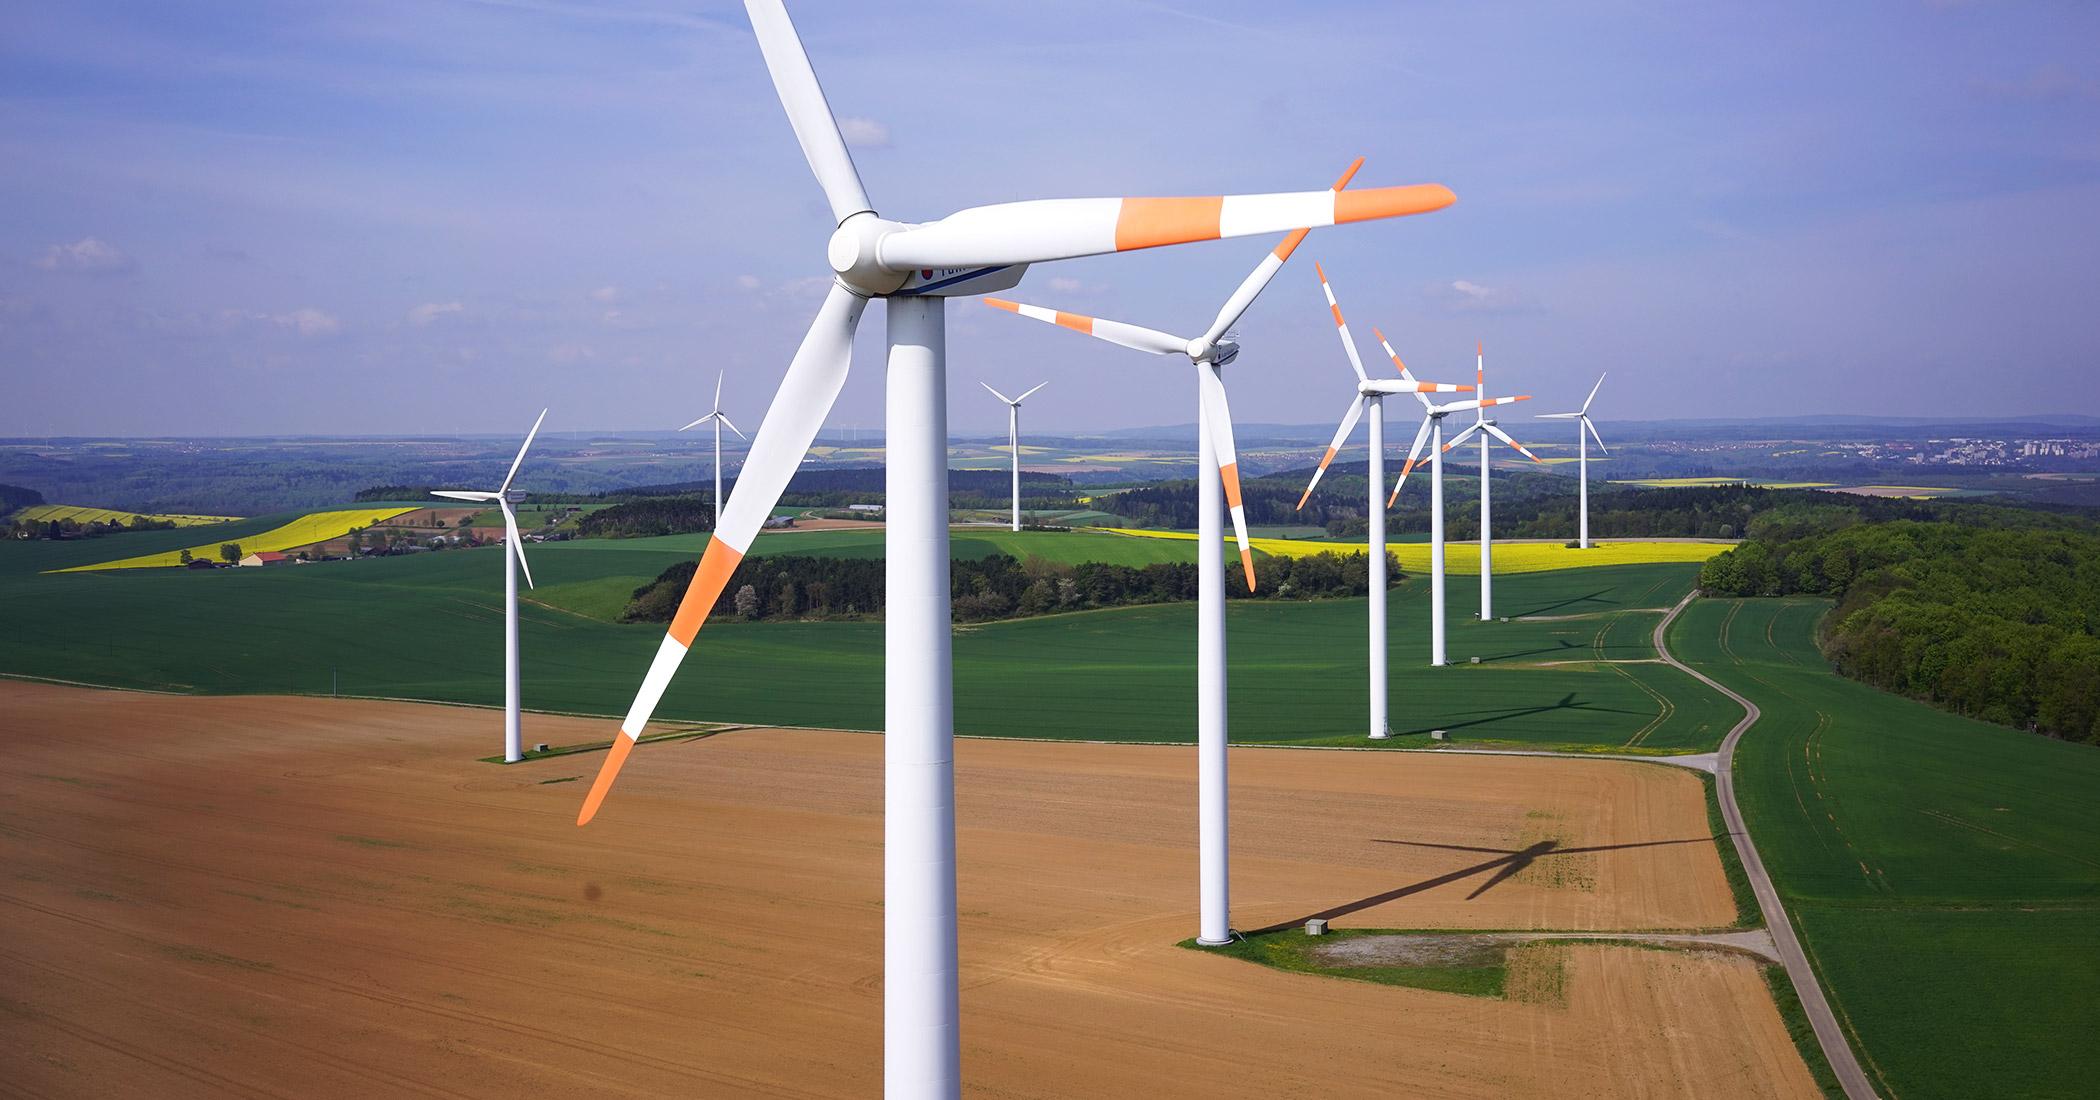 luftbilder-mainfranken.de_windkraftanlage